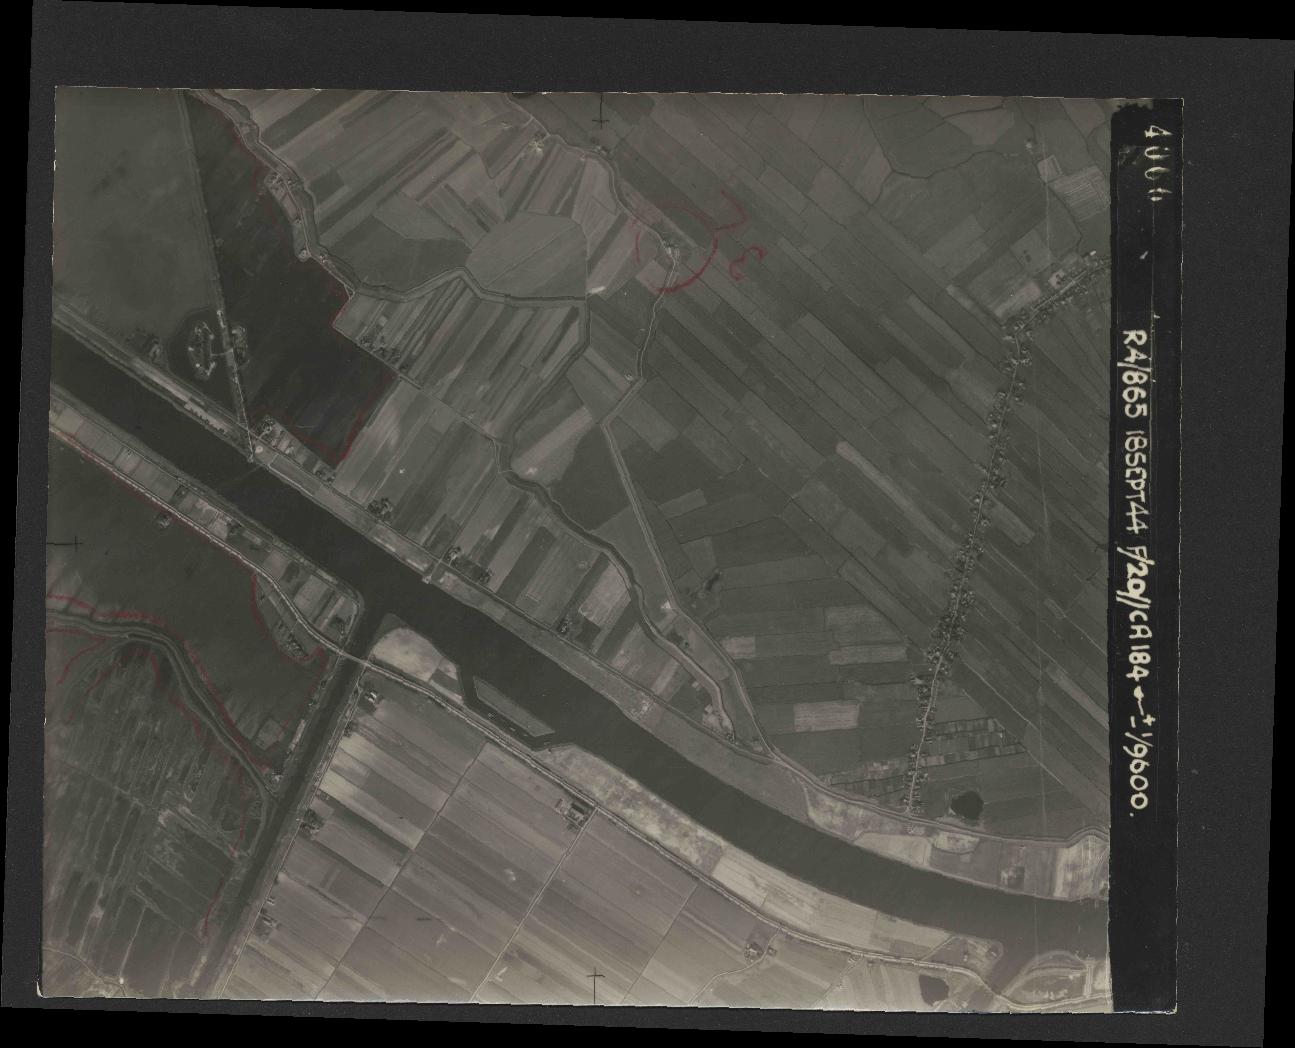 Collection RAF aerial photos 1940-1945 - flight 280, run 04, photo 4066